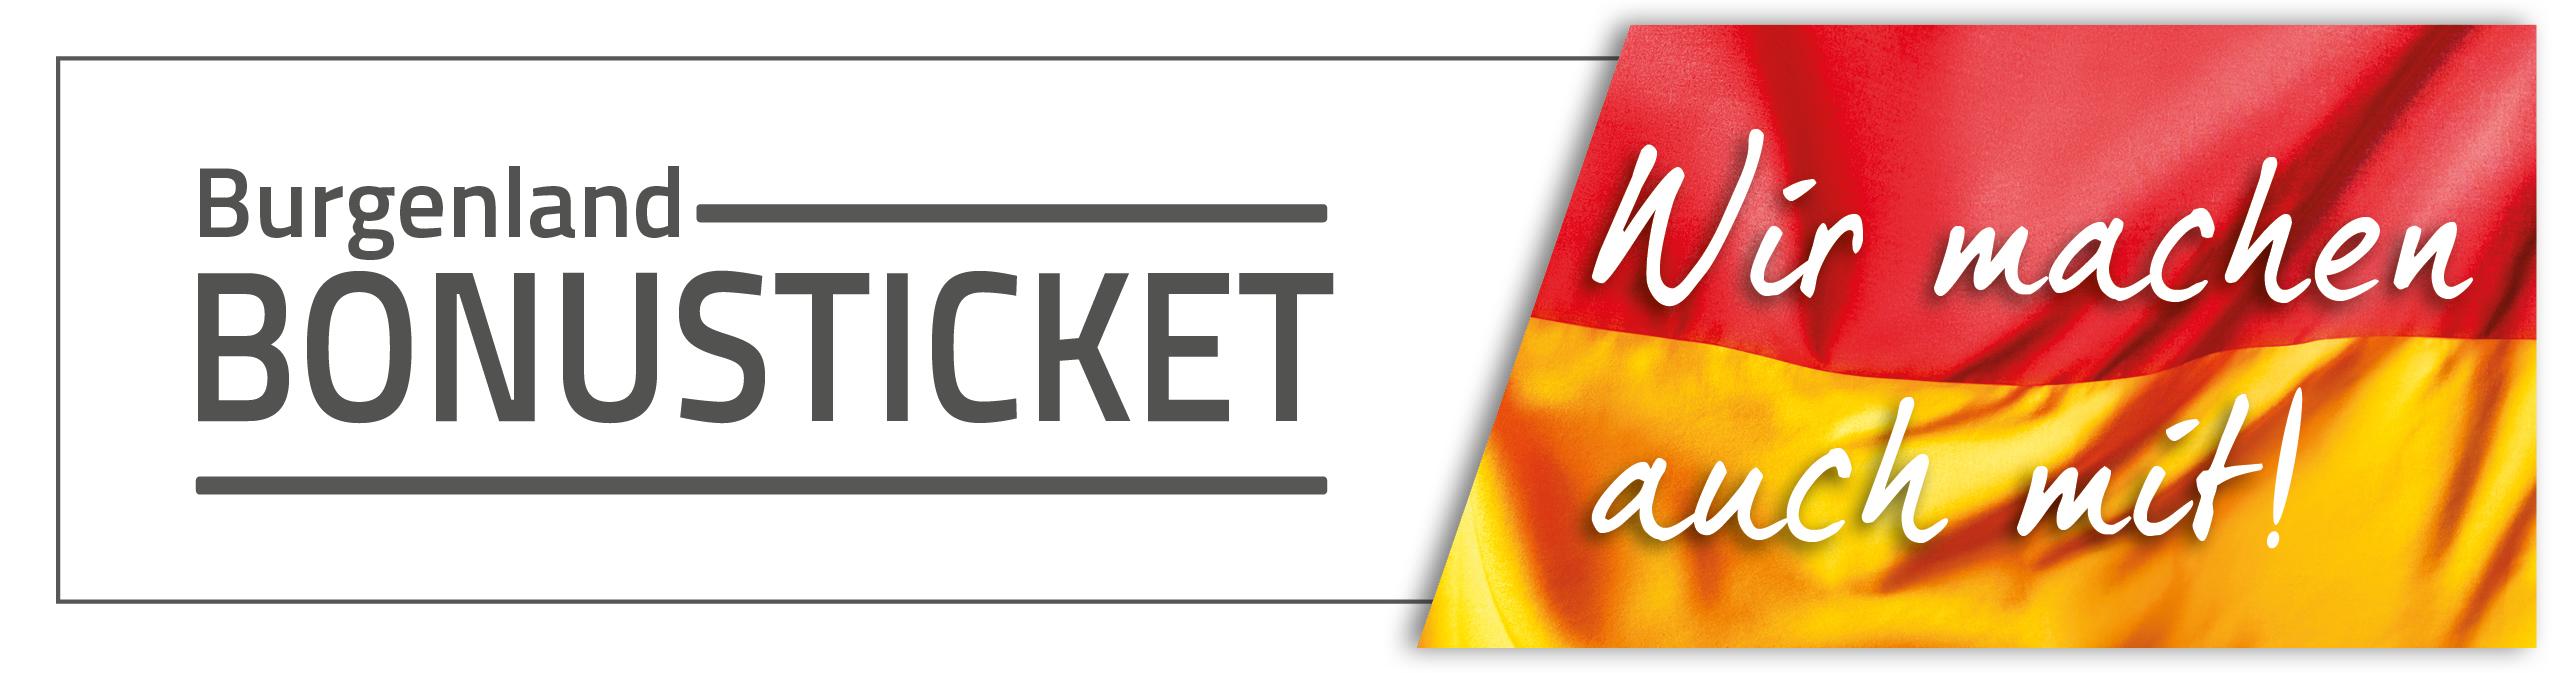 Banner Burgenland Bonusticket (2)